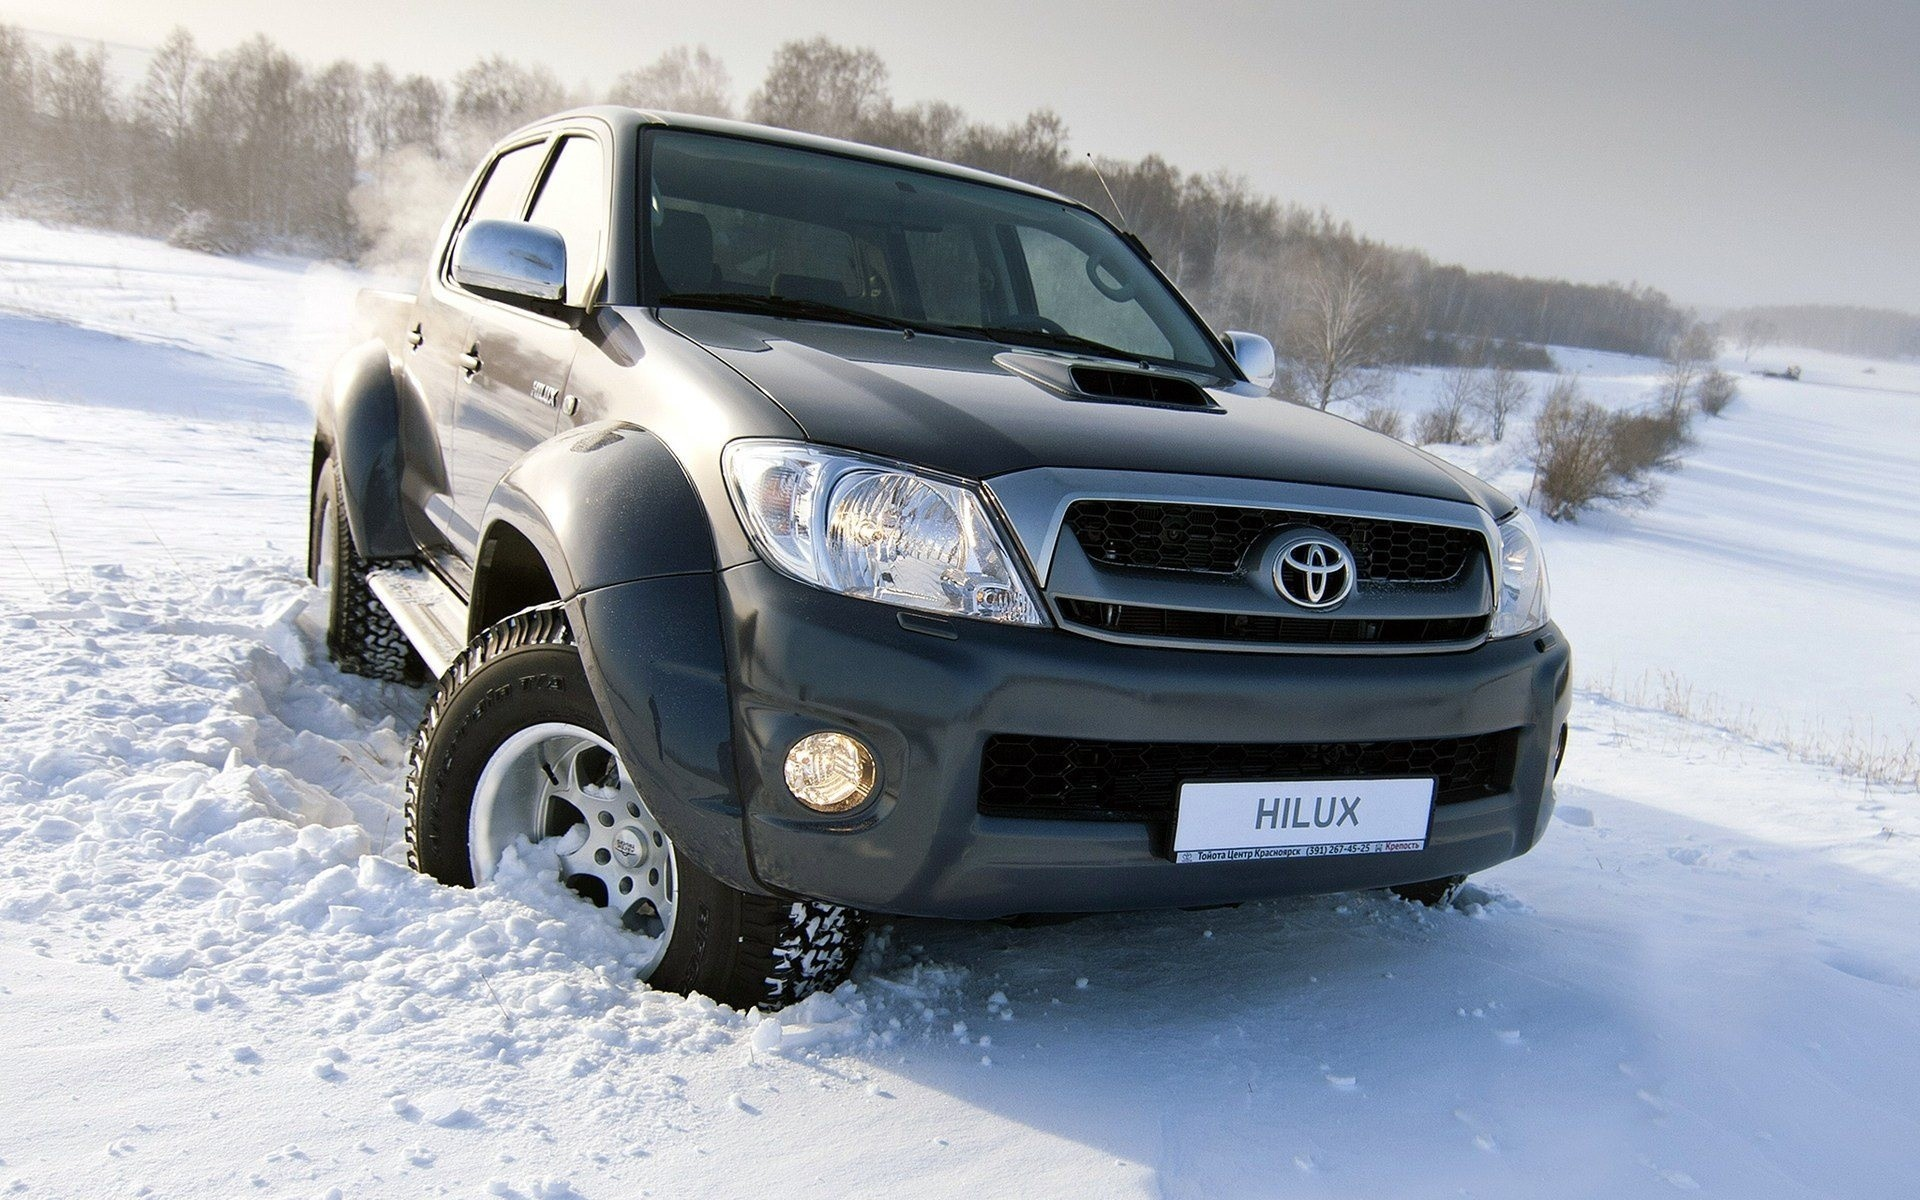 New Toyota Hilux Wallpaper   Toyota Hilux 504305   HD Wallpaper 1920x1200